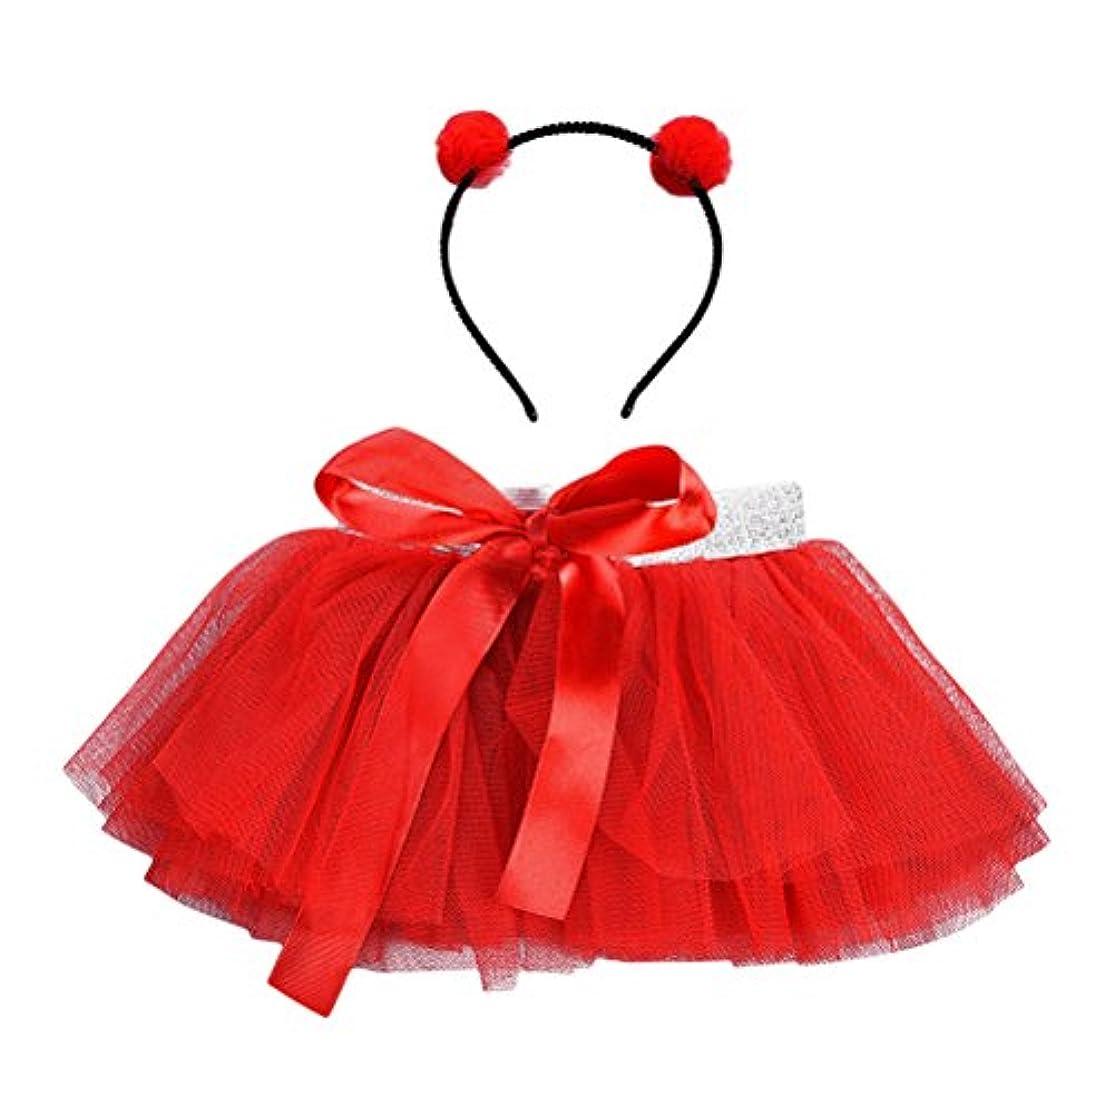 原因性格克服するLUOEM 女の子TutuスカートセットヘッドバンドプリンセスガールTutuの服装赤ちゃん女の子Birthday Outfit Set(Red)